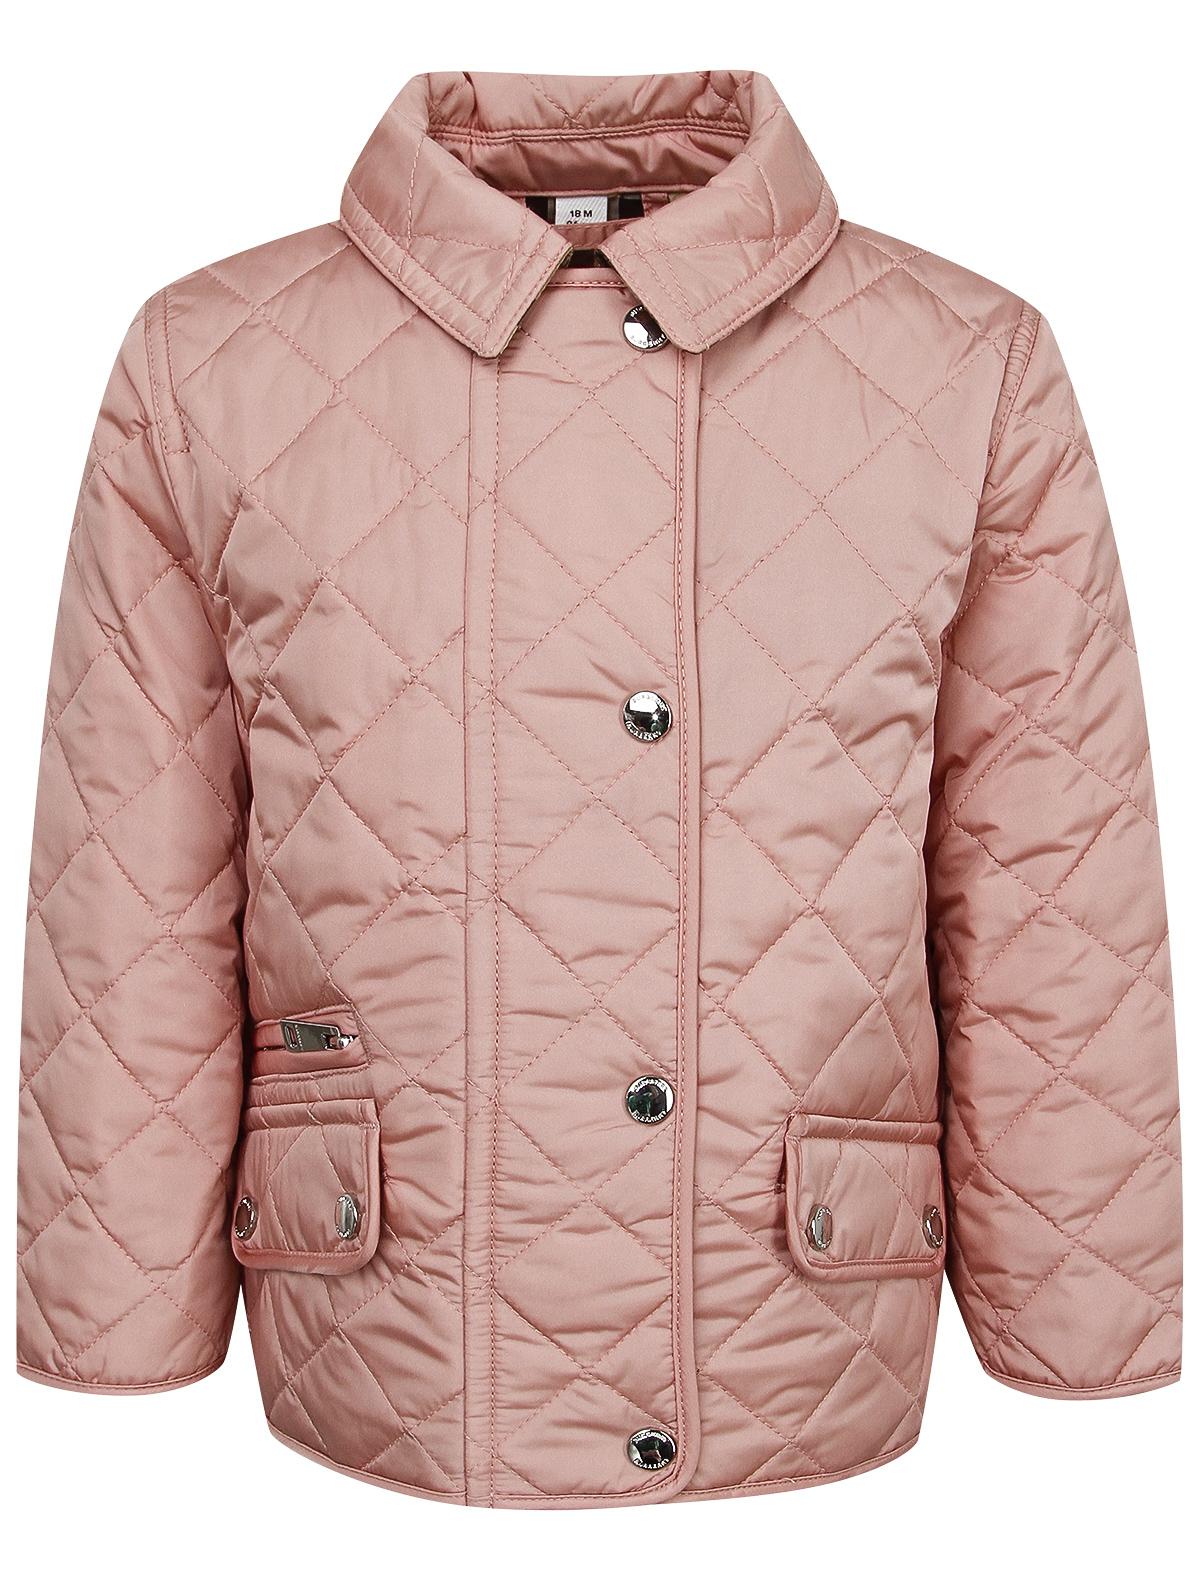 Купить 2037414, Куртка Burberry, розовый, Женский, 1072609980136